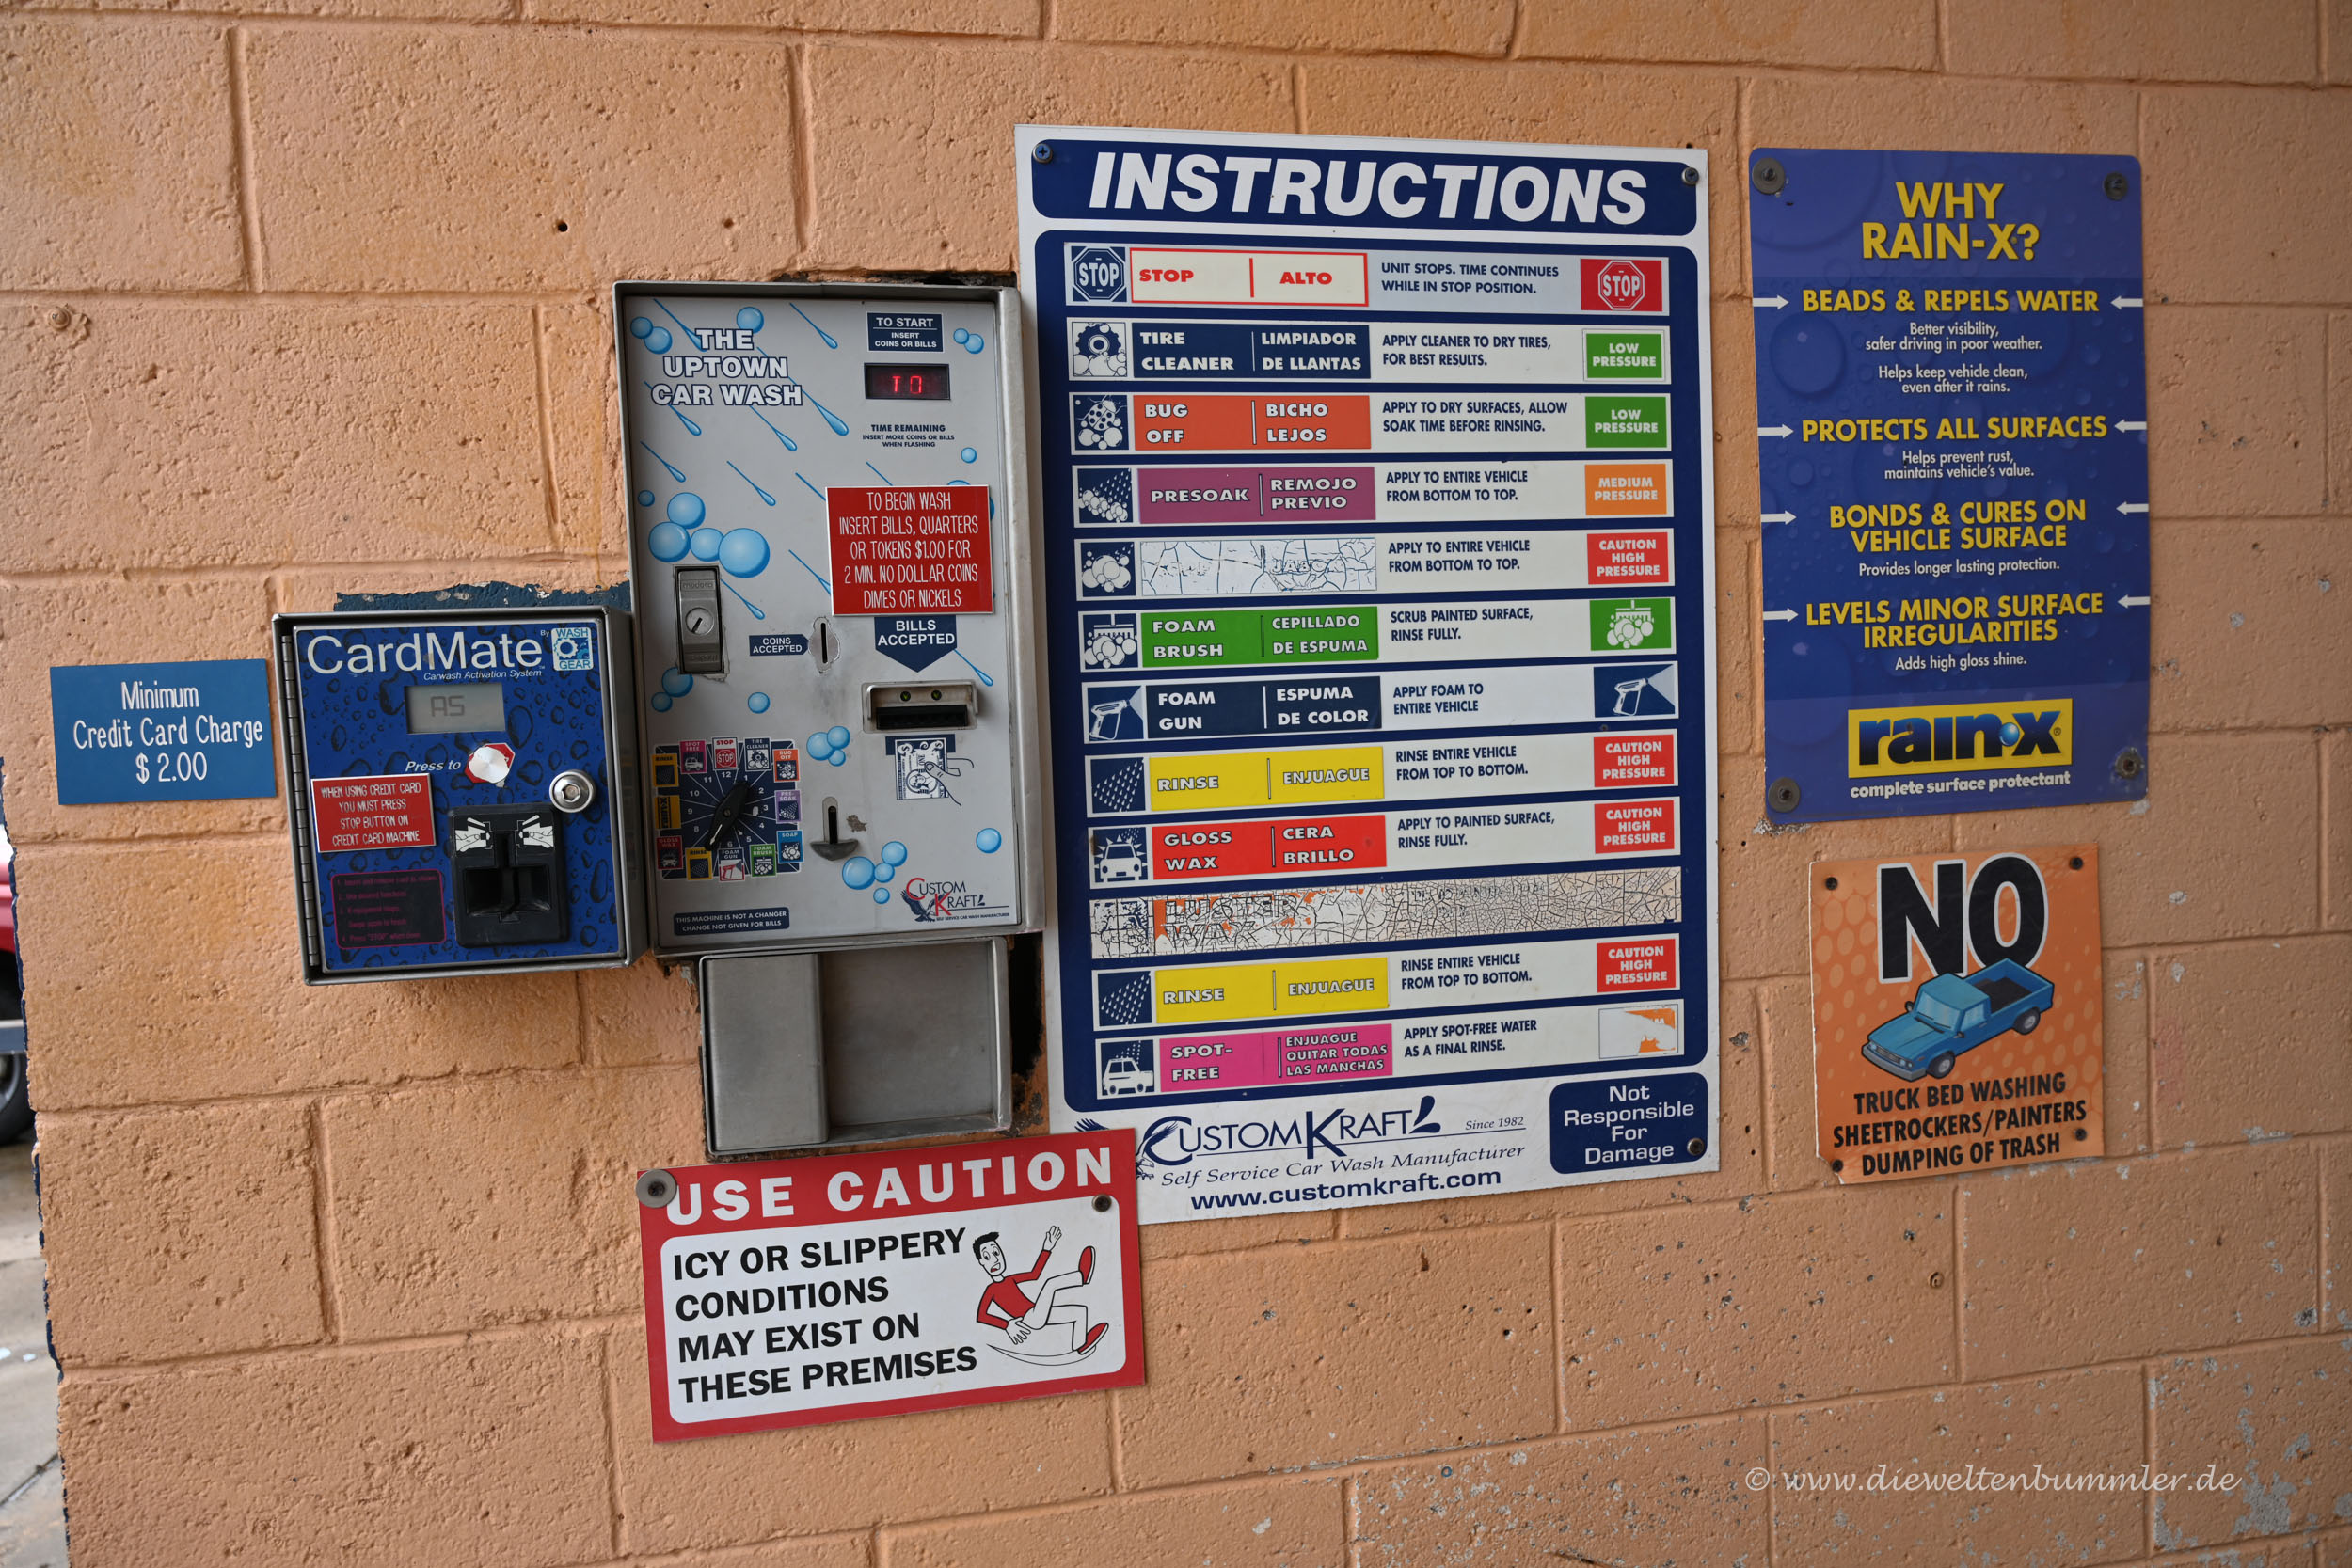 Automat zur Wagenwäsche